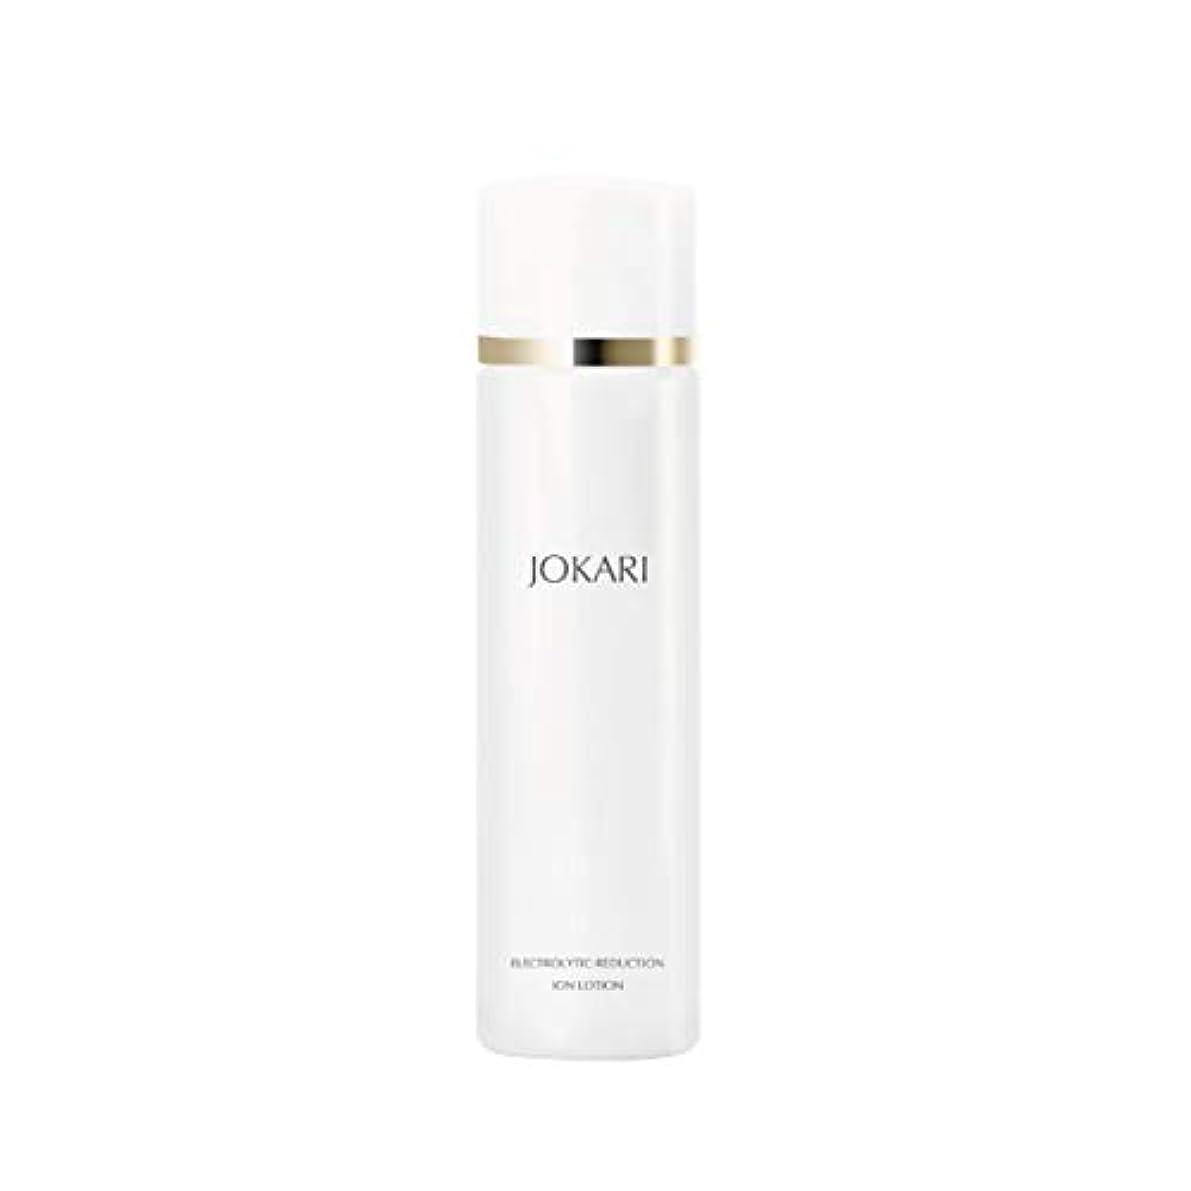 カスタムナチュラ要求JOKARI ジョカリ イオンローション 化粧水 150ml